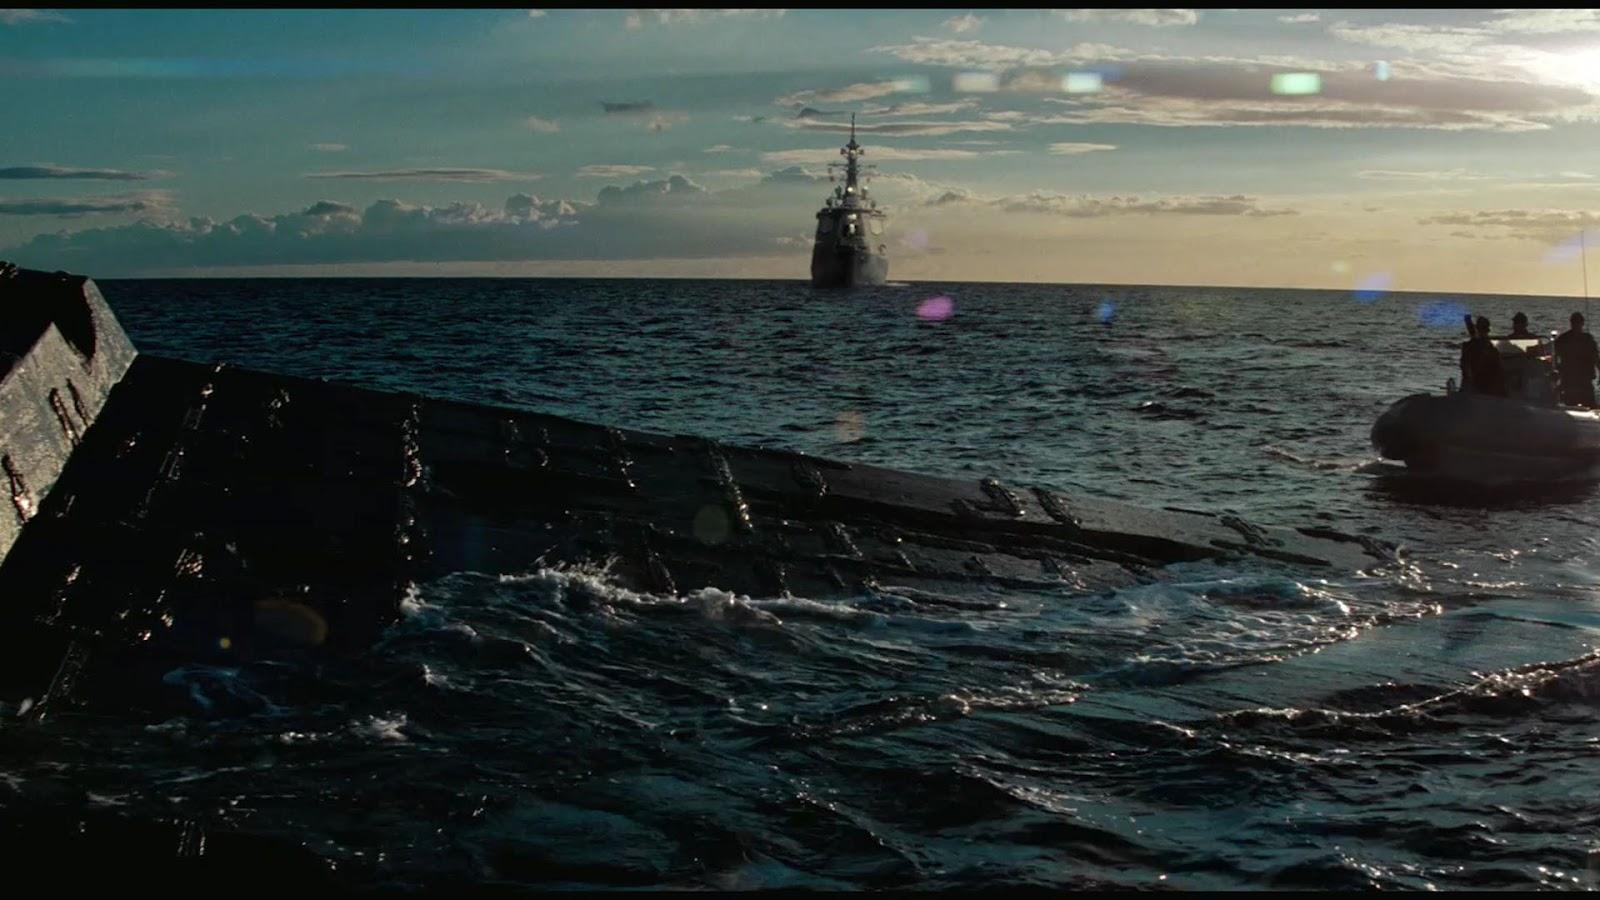 http://3.bp.blogspot.com/-CQhtagx0Rwc/UBHpsmQAigI/AAAAAAAACgQ/PymXtOzphlo/s1600/Battleship-085.jpg